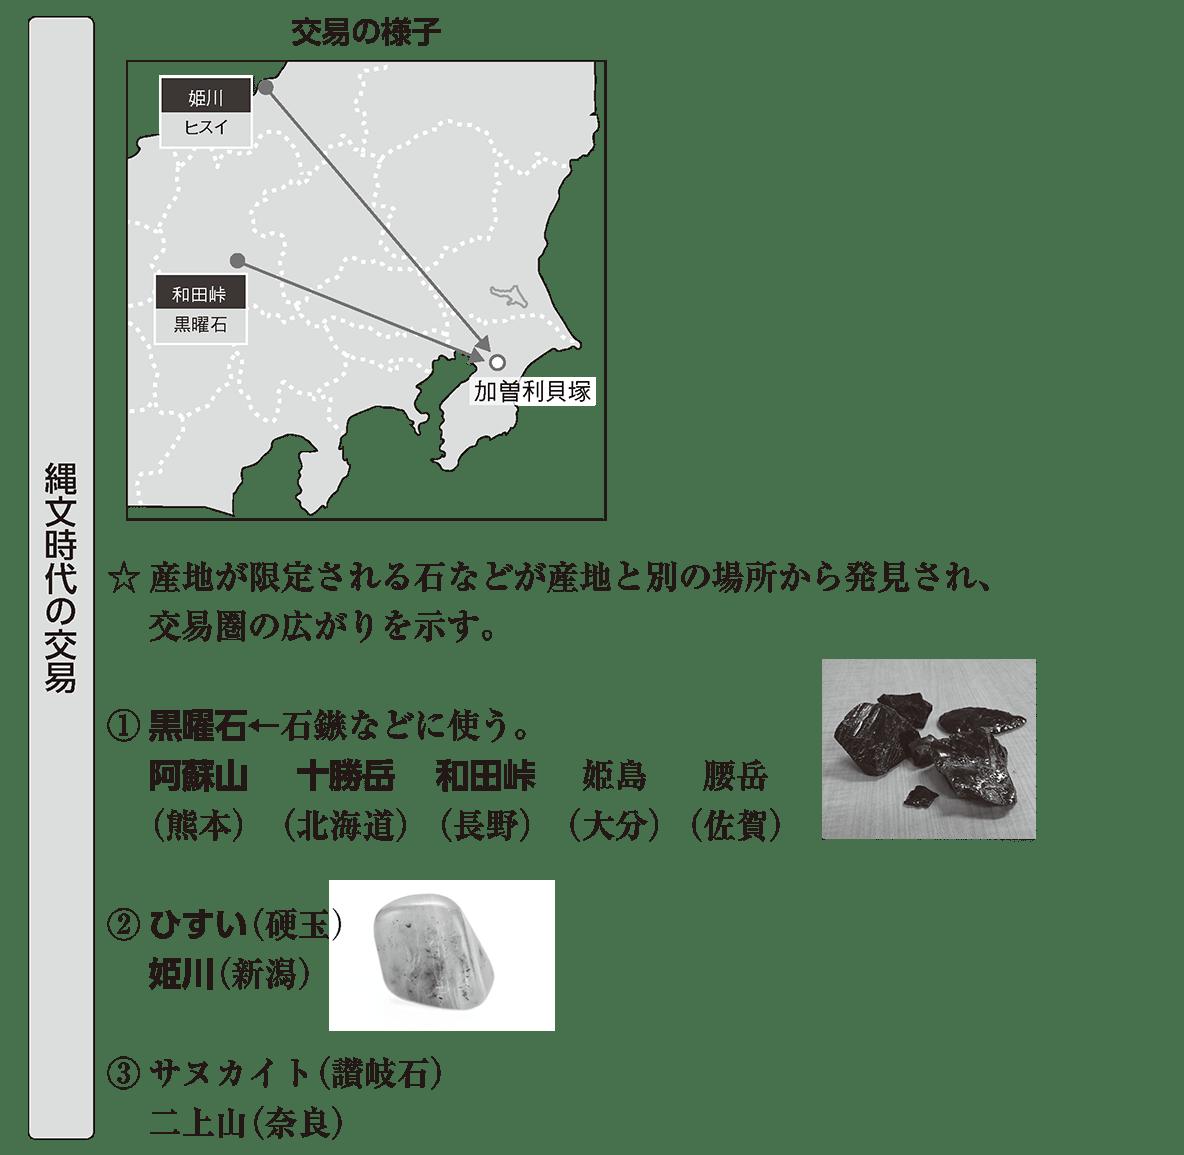 縄文時代1 ポイント2 縄文時代の交易